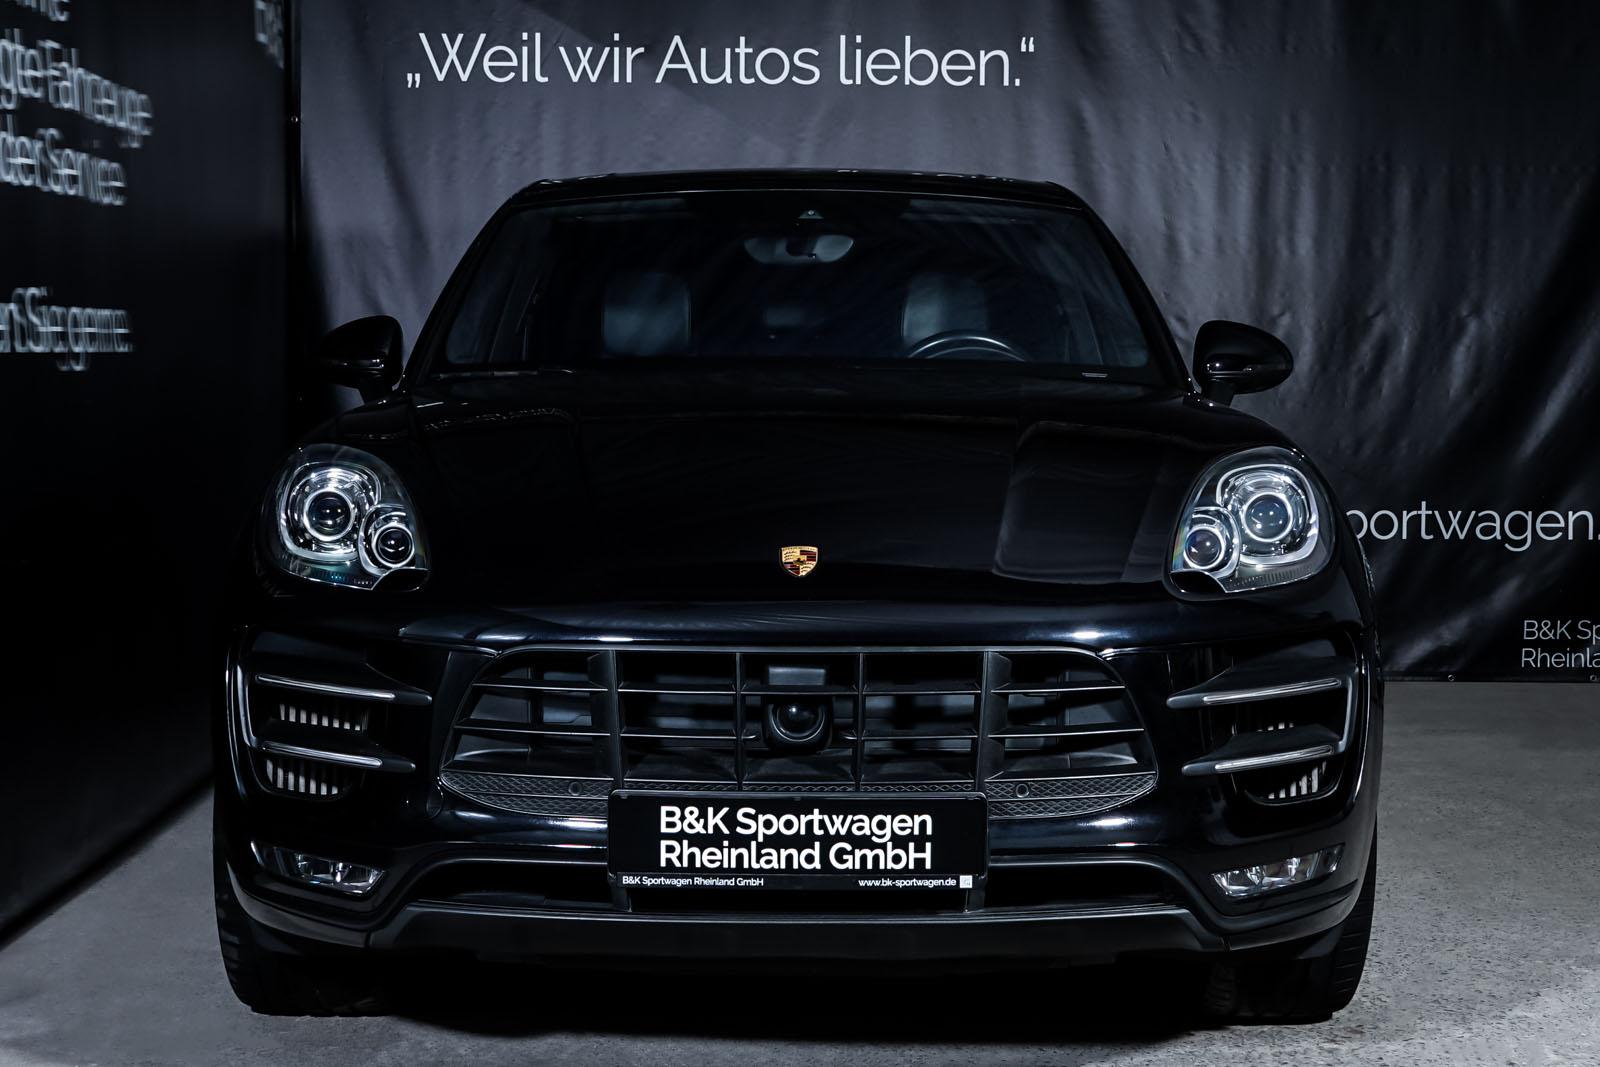 Porsche_Macan_TurboS_Schwarz_Schwarz_POR-2871_1_w